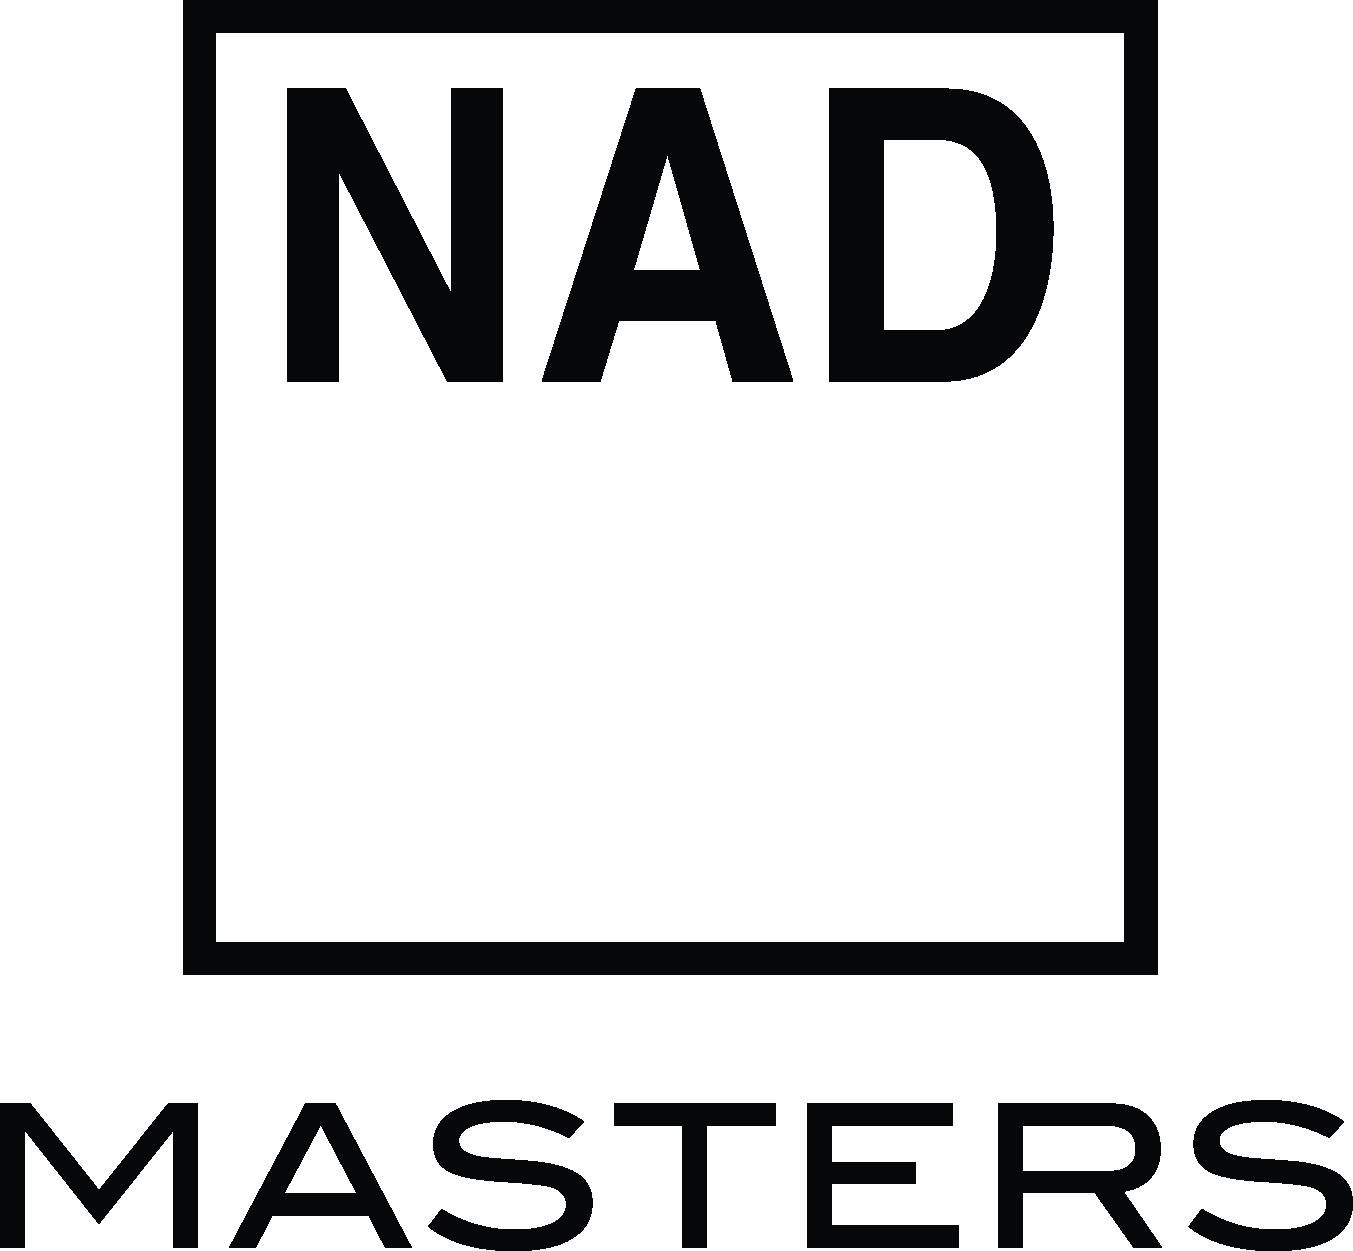 NAD_Masters_Logo.png